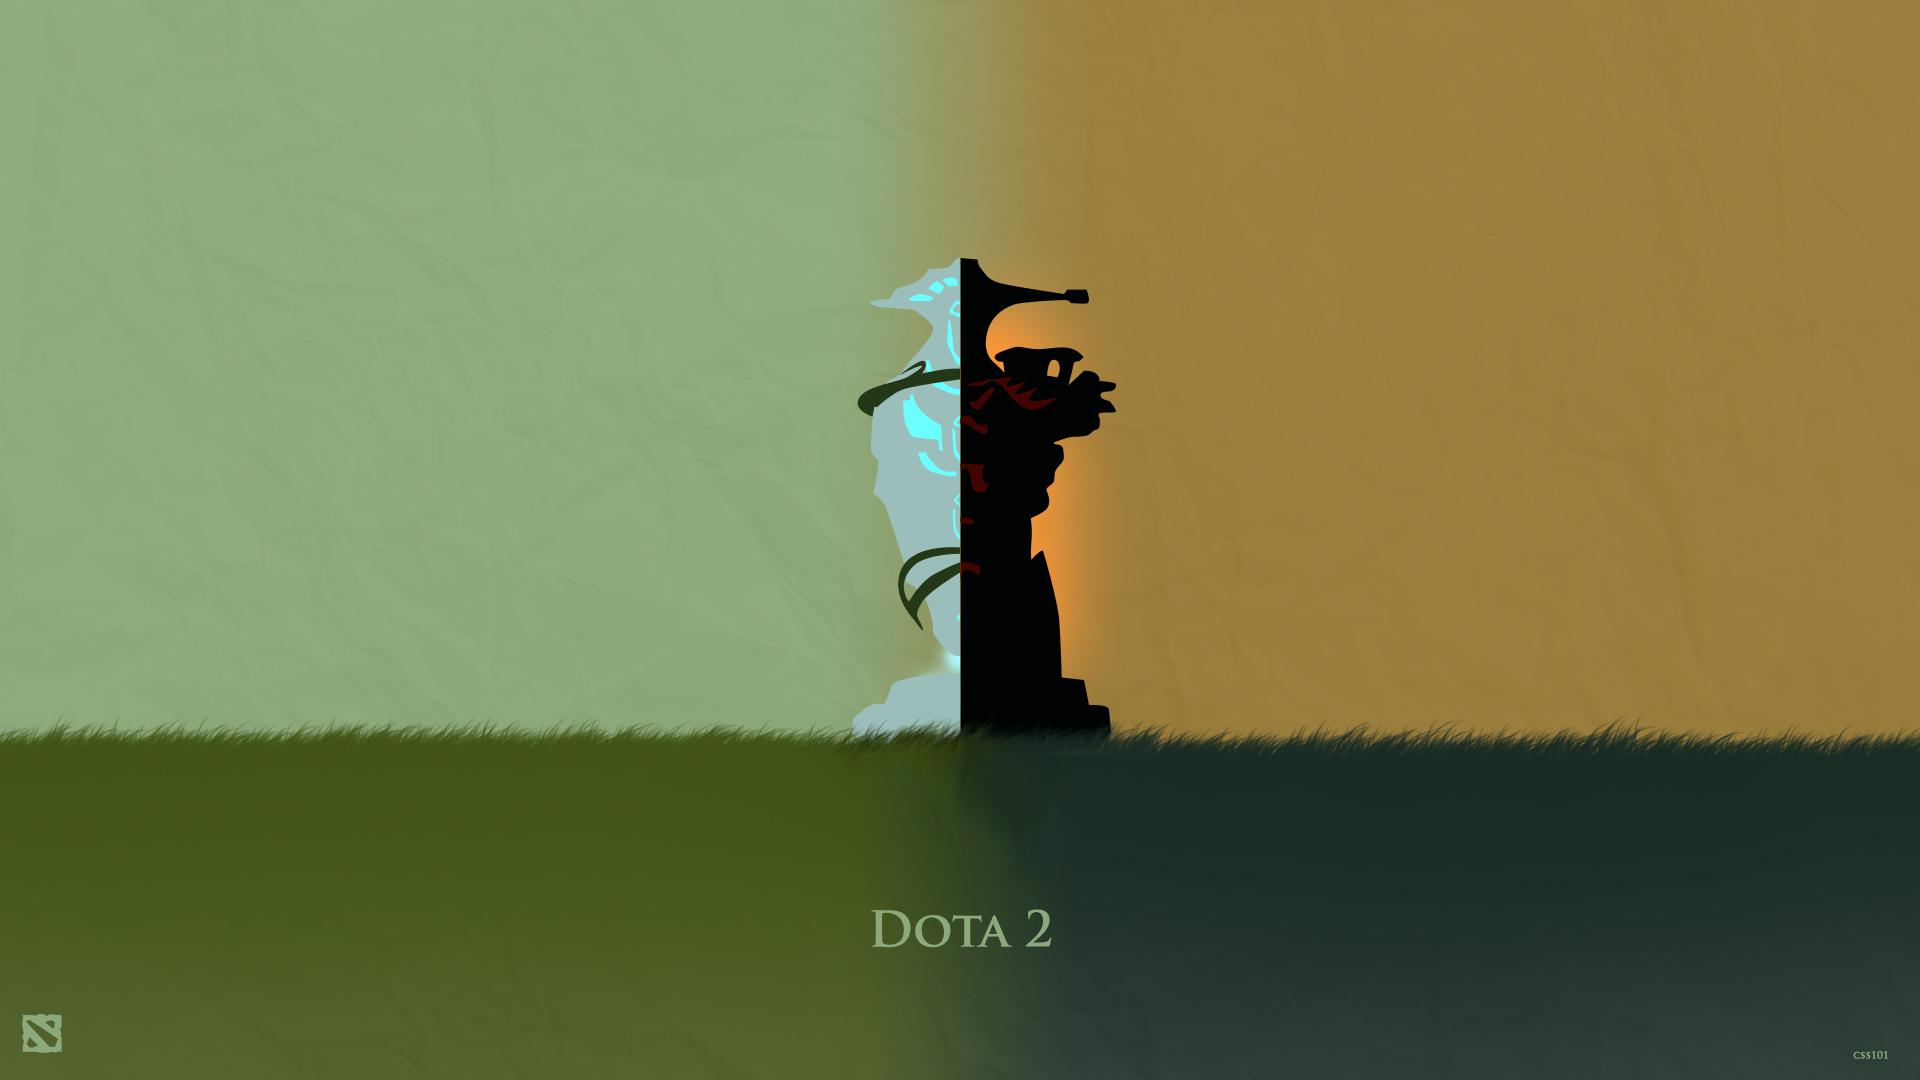 Dota 2 Wallpaper by css101 1920x1080